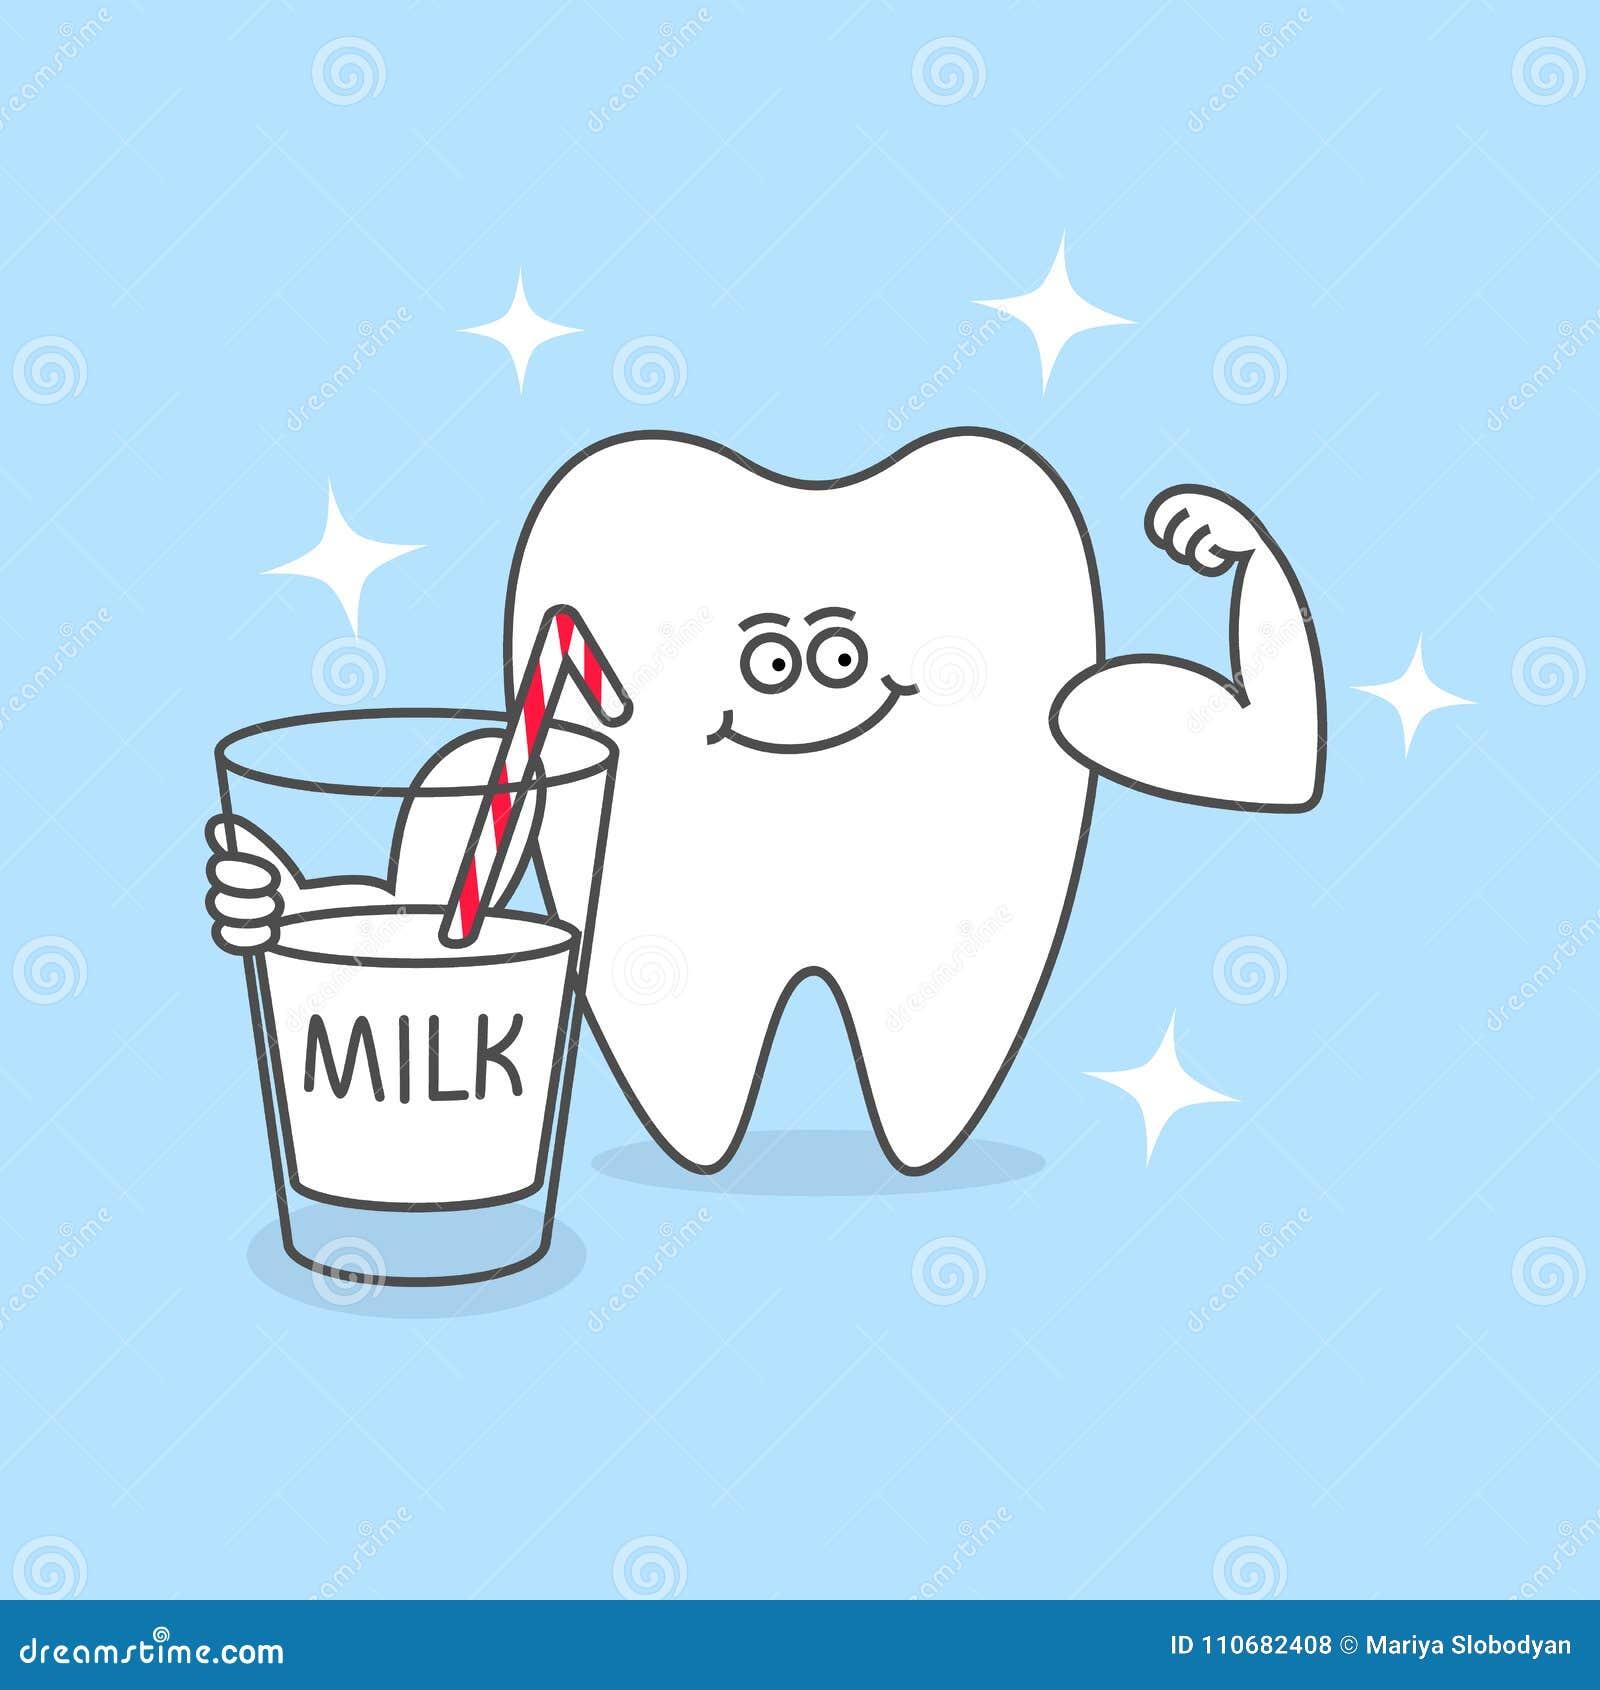 melk goed voor tanden